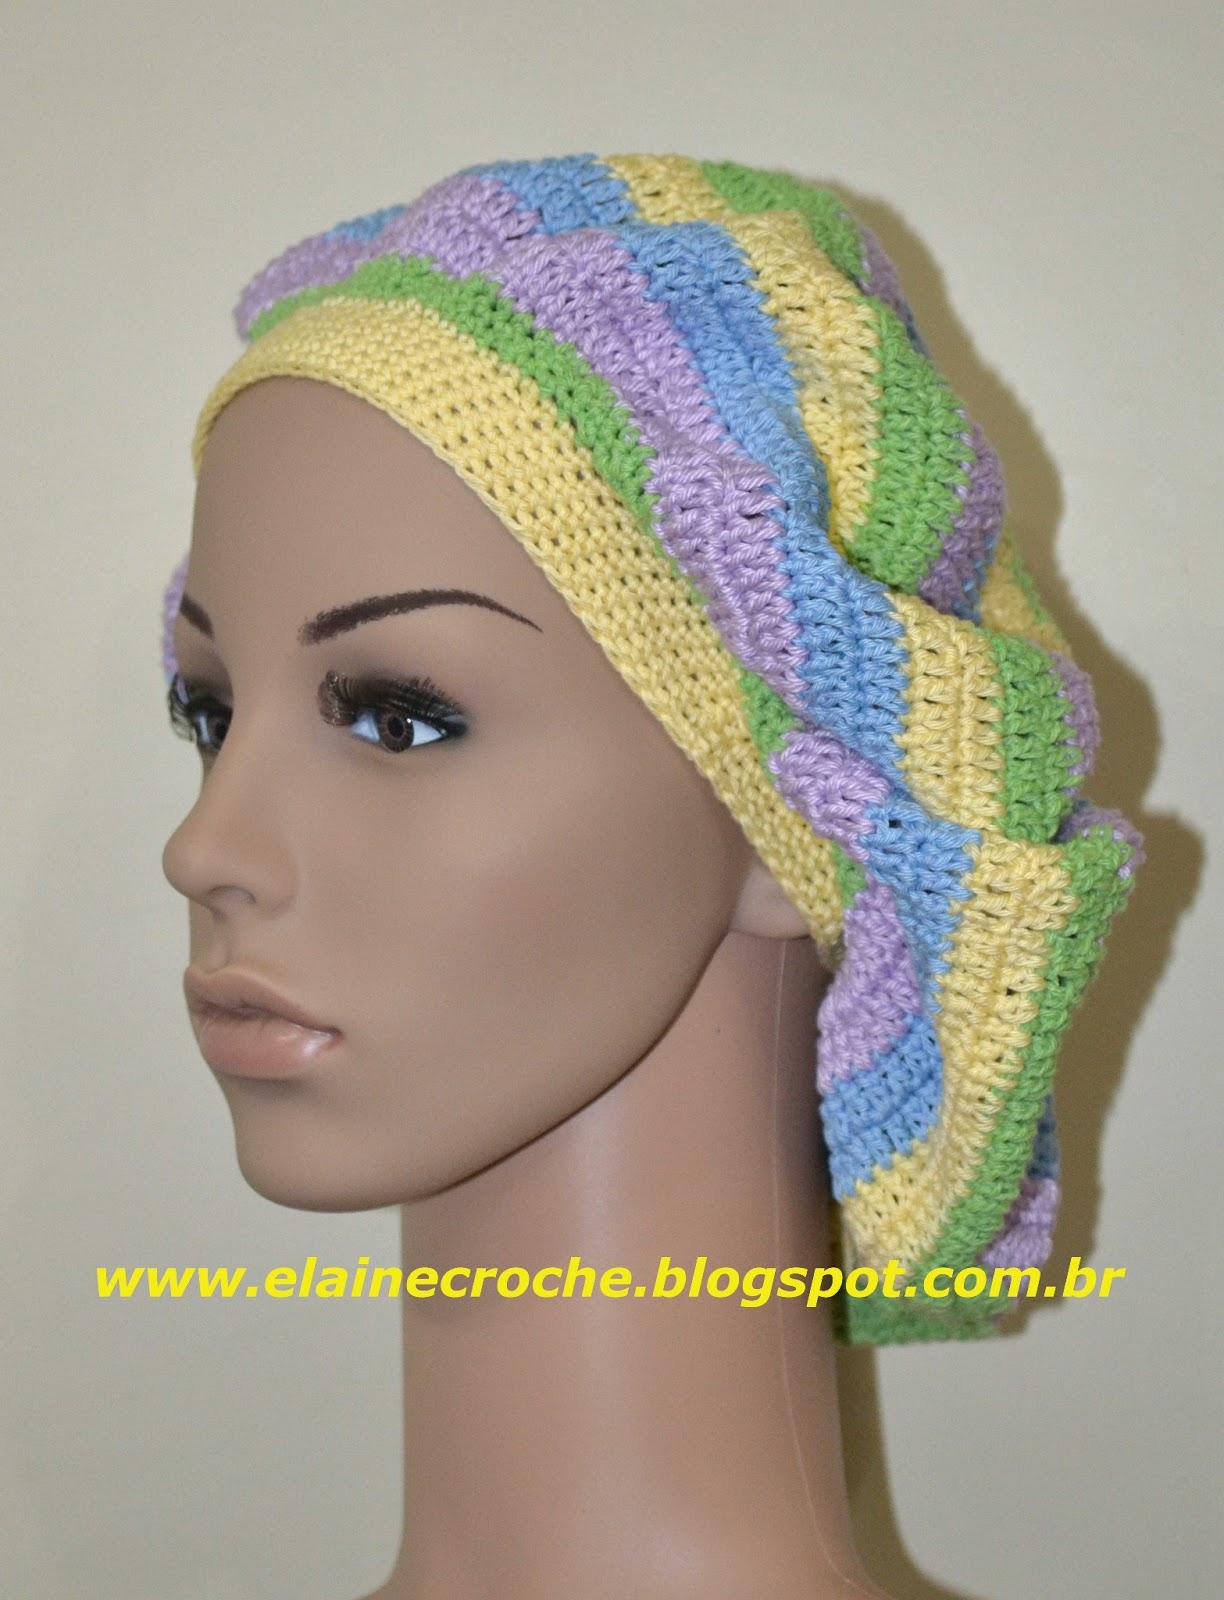 6a9c31f651312 Boina Rasta em Crochê usando fio 100% algodão e agulha de Crochê Clover 2